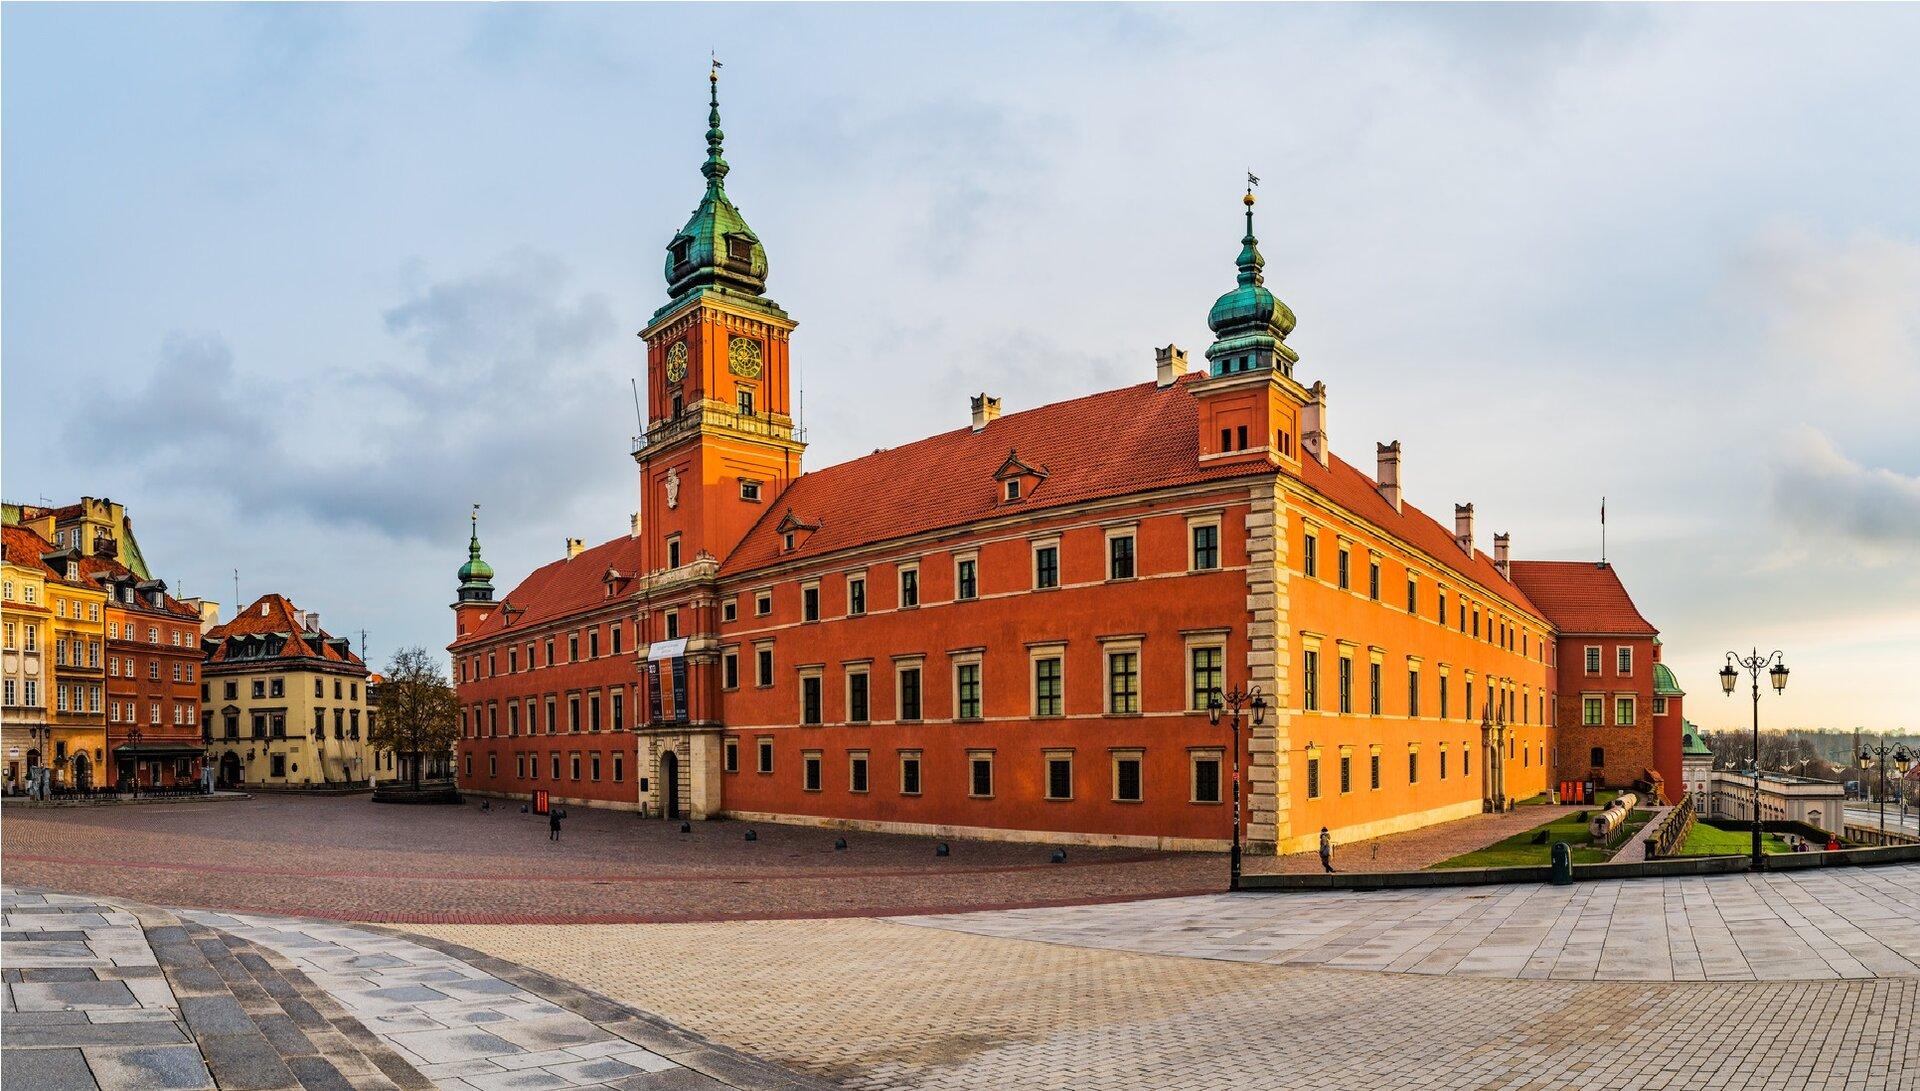 Ilustracja przedstawia Zamek Królewski wWarszawie. Na zdjęciu ukazana jest budowla wstylu barokowo-klasycystycznym, okryta czerwonym, dwuspadowym dachem. Po środku frontowej fasady znajduje się duża wieża zzegarem okryta cebulastą, zielonkawą kopułą zwieńczoną iglicą. Po bokach frontu umieszczone są dwie mniejsze wieże. Wpomalowanej na ceglany kolor elewacji znajdują się trzy rzędy, prostokątnych okien. Budowla ustawiona jest na placu Zamkowym. Po jej lewej stronie znajdują się kamieniczki apo prawej fragment panoramy Warszawy.